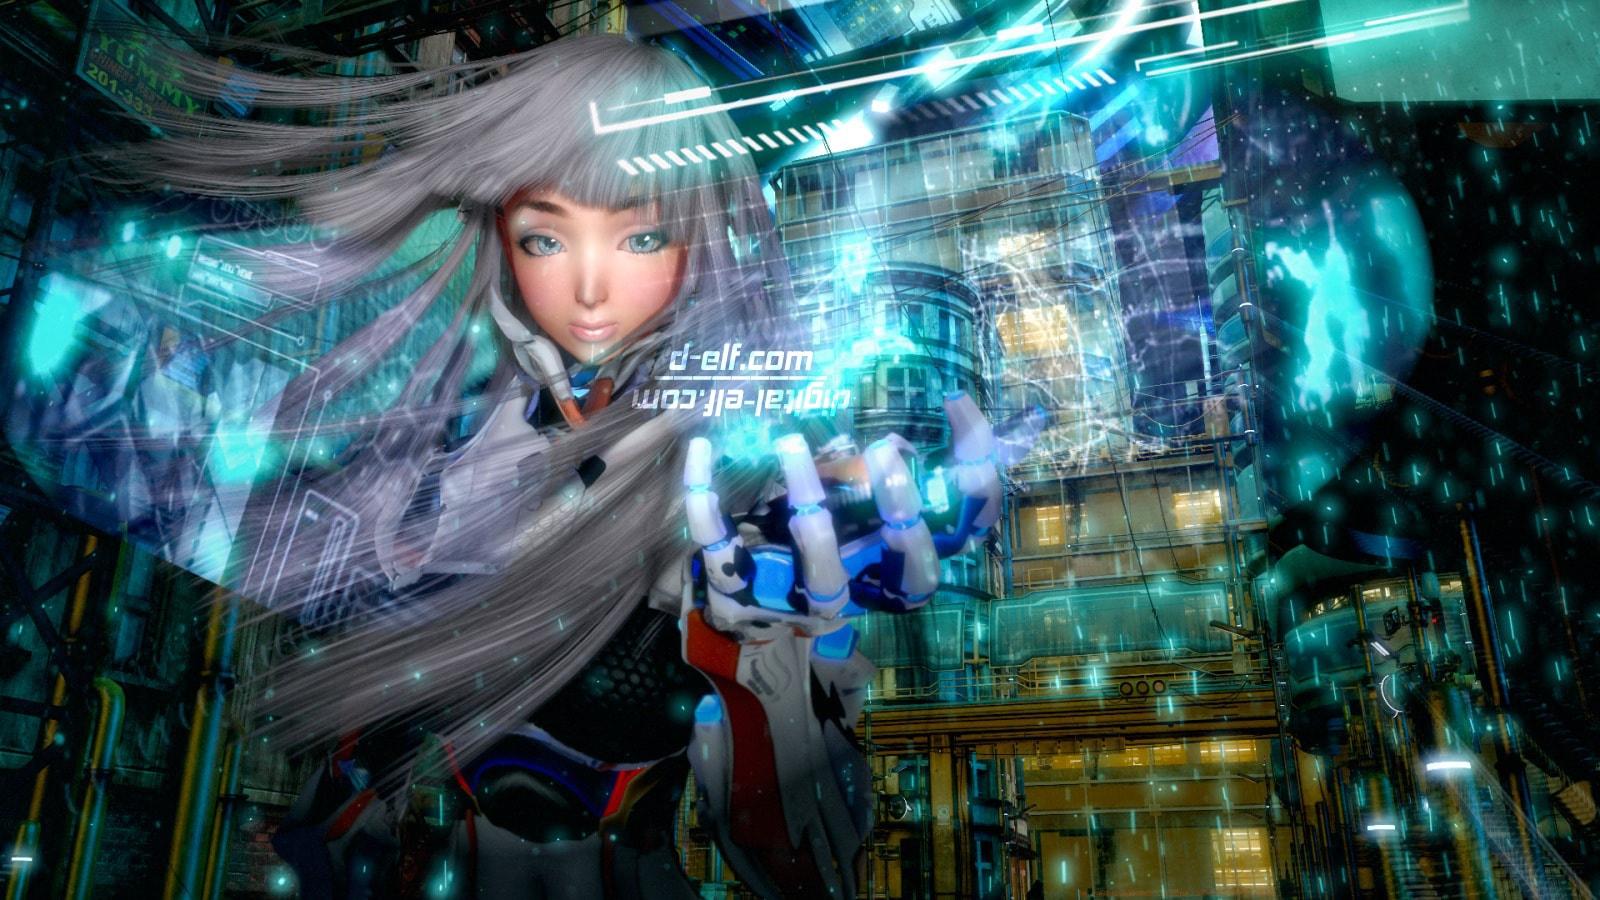 【近未来SF・サイバーパンク系の背景画像素材】 Sci-Fi Background images